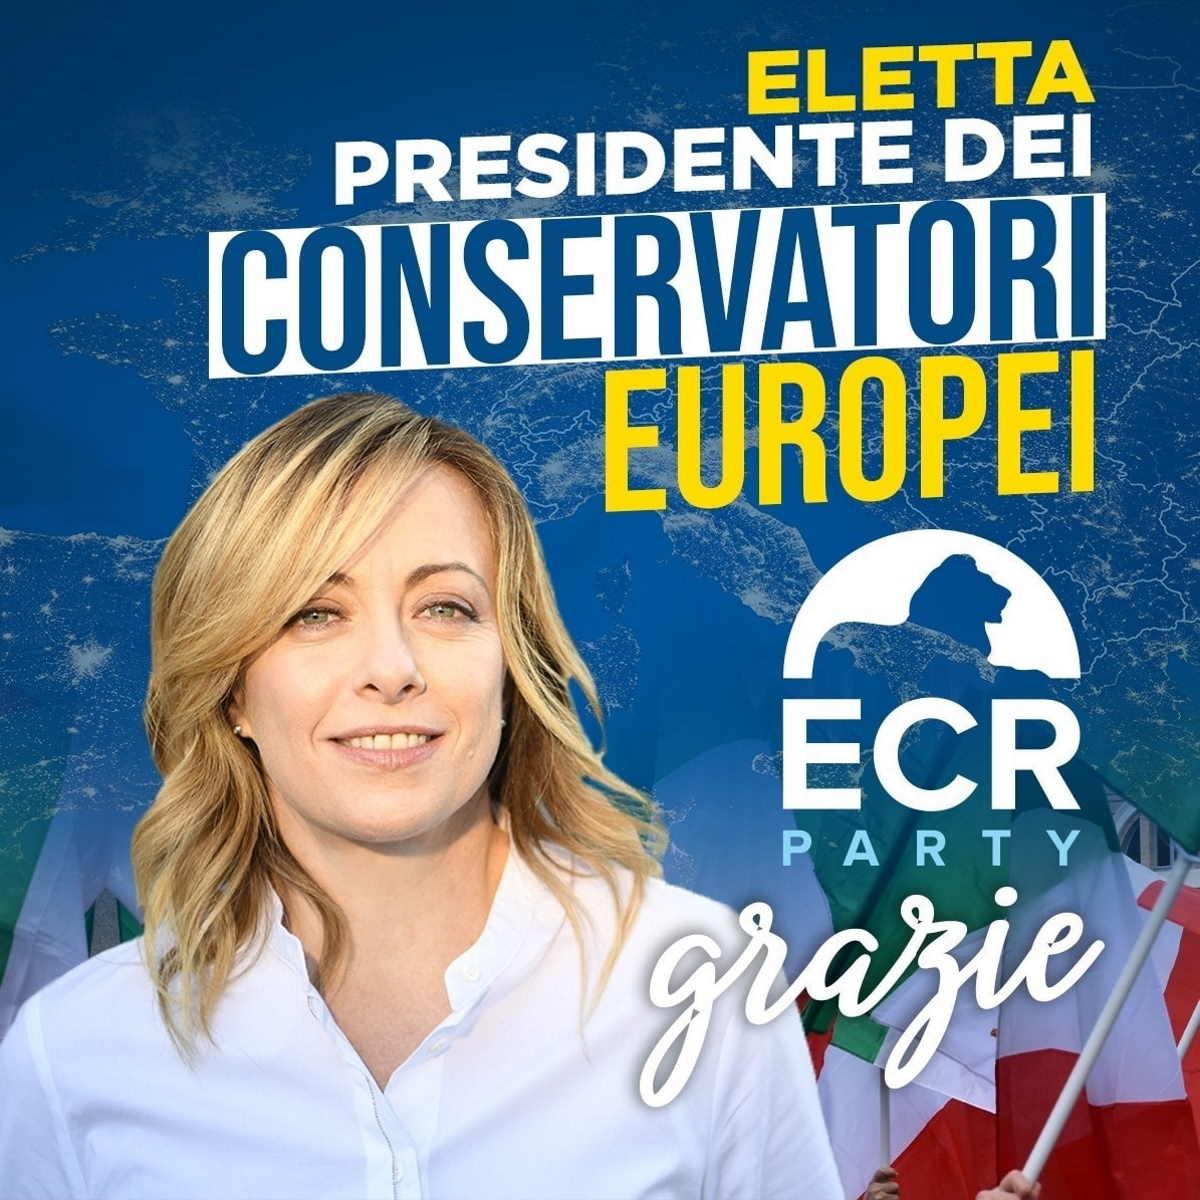 Giorgia Meloni eletta presidente di ECR